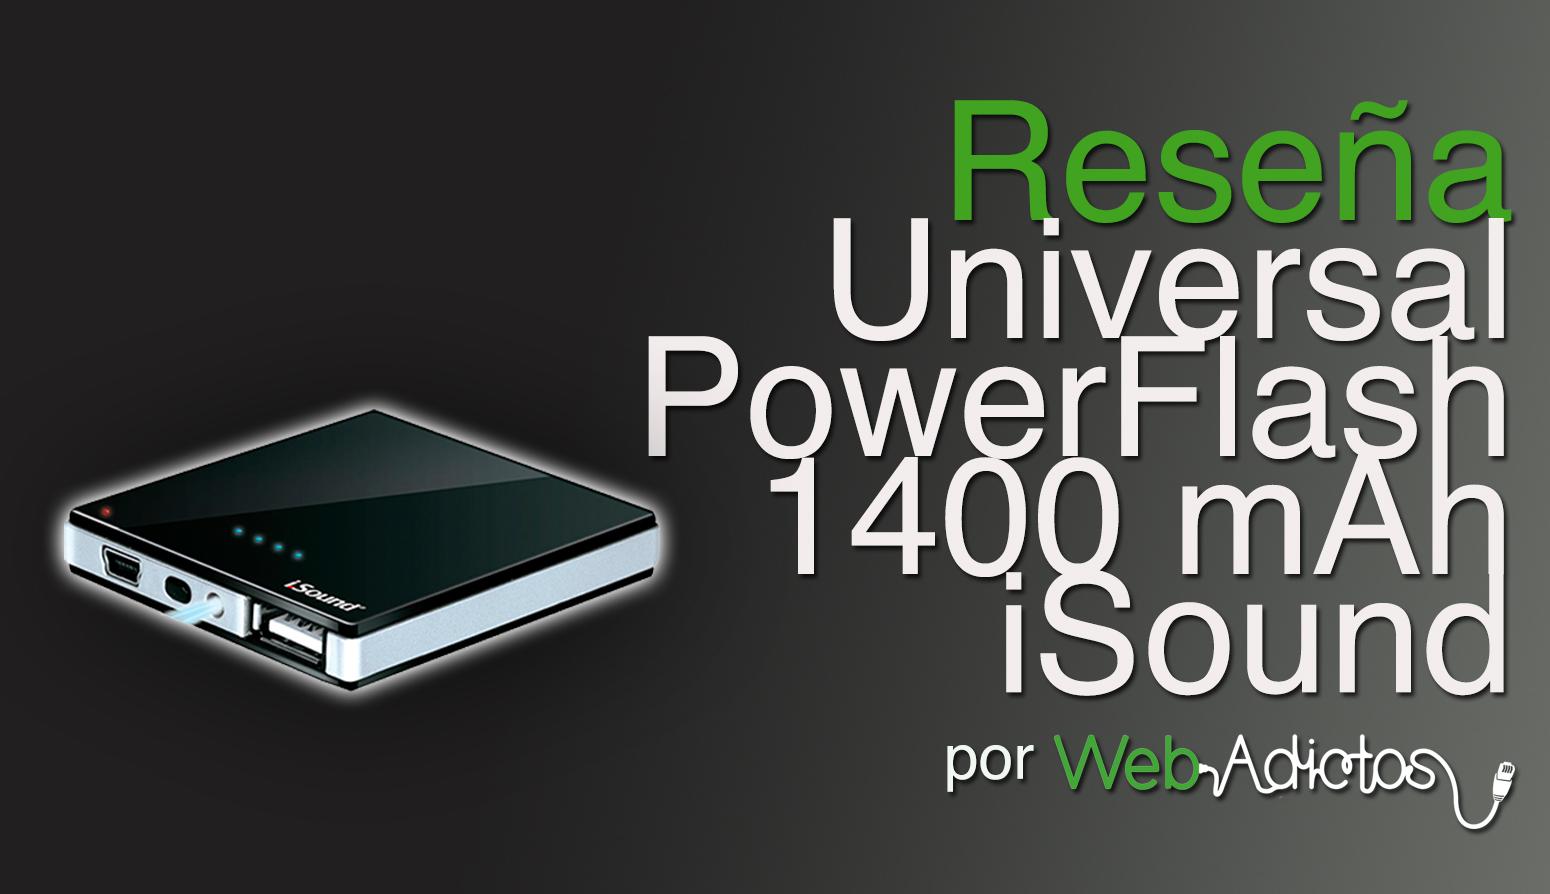 Universal PowerFlash Backup Battery de iSound, una batería de respaldo para tus dispositivos